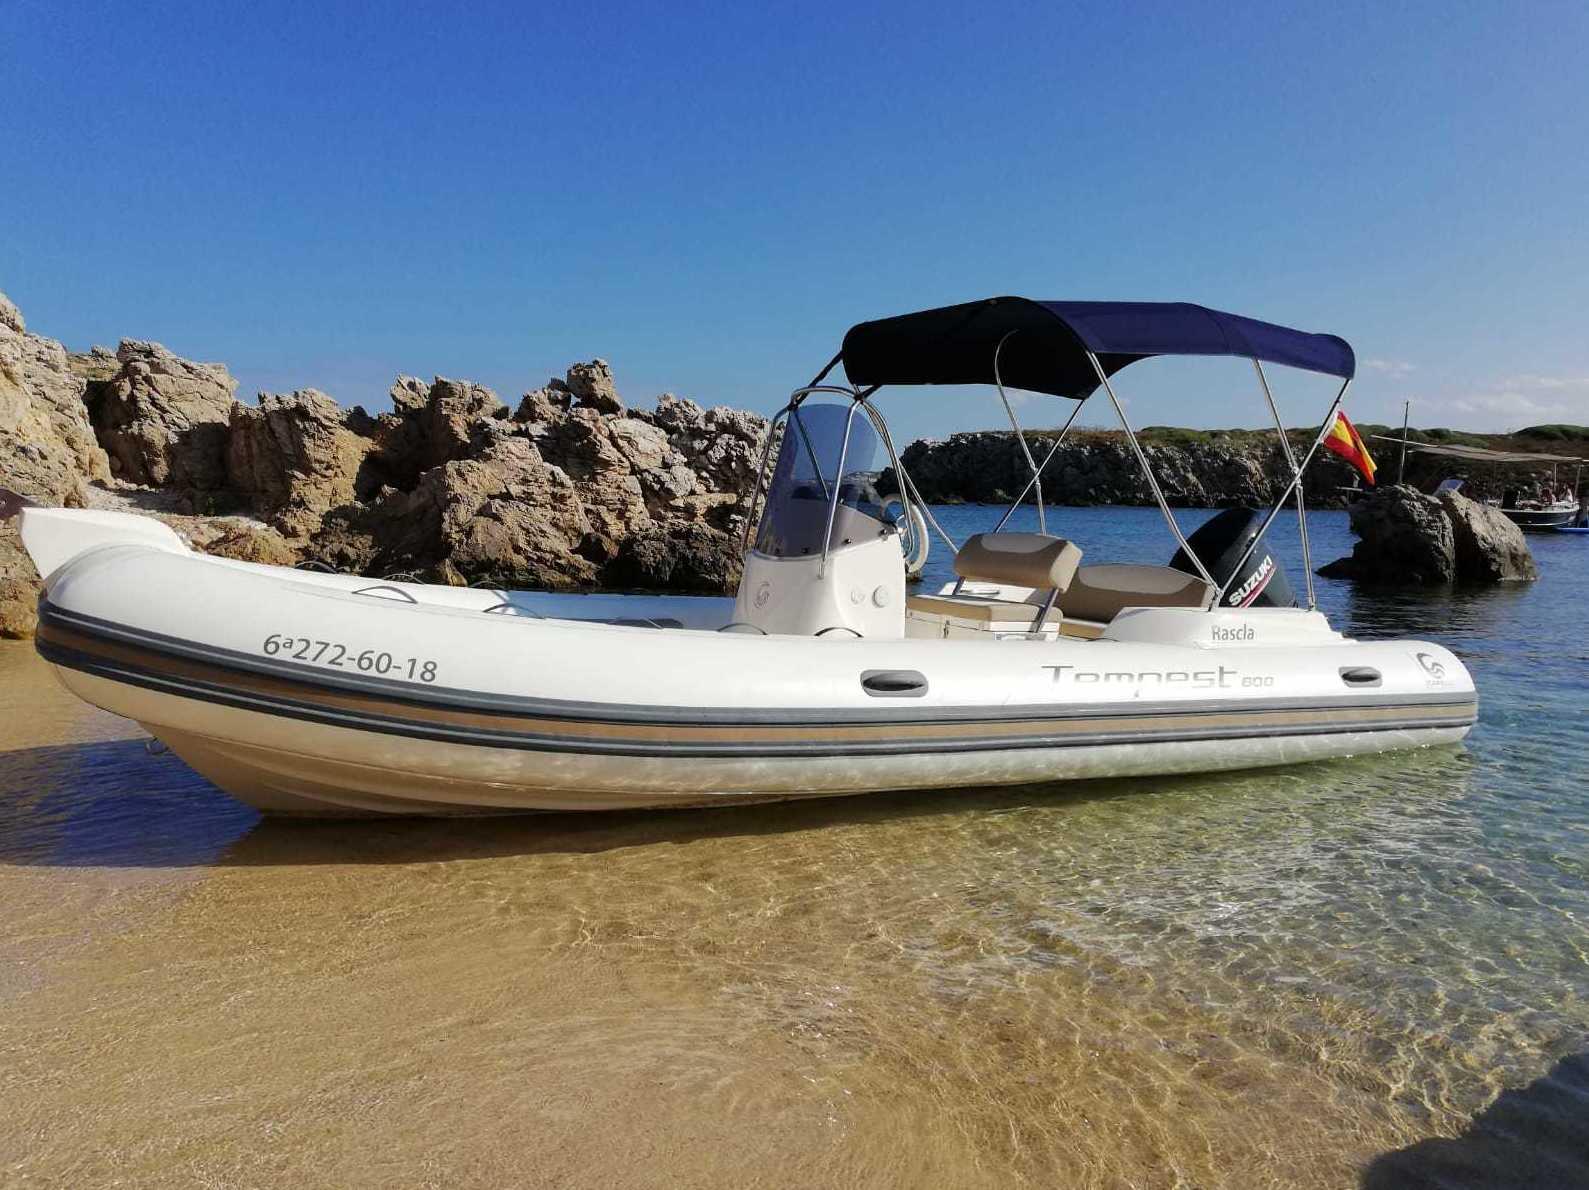 Foto 8 de Venta y alquiler de embarcacione en Port d'Addaia | Náutica Puig